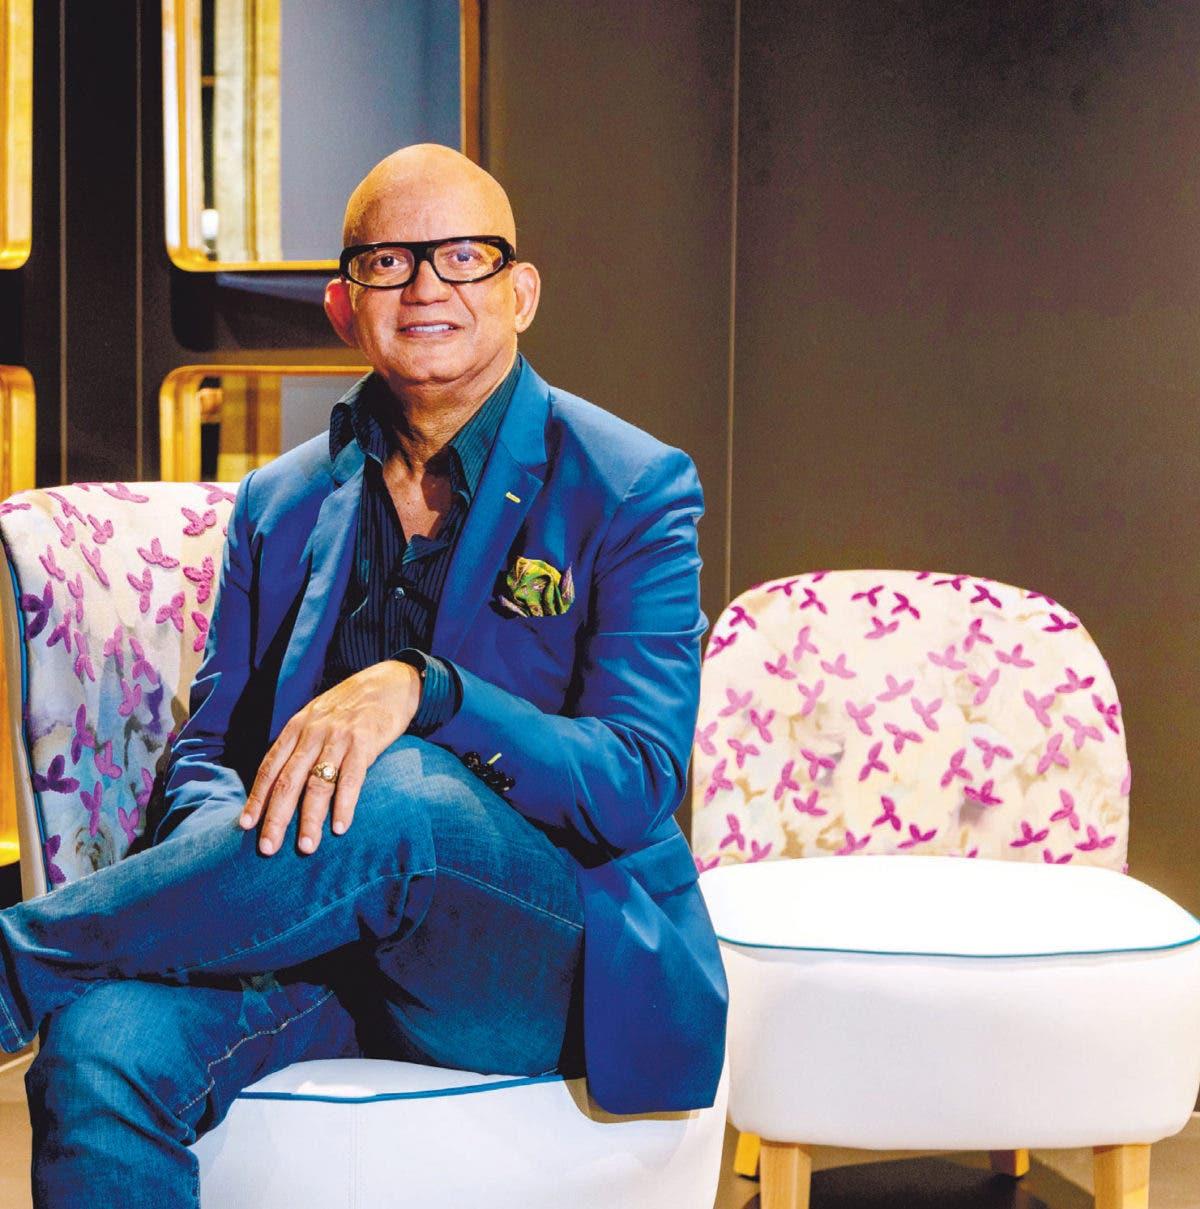 Un dominicano que ha paseado sus diseños por el mundo; RAFAEL ÁLVAREZ